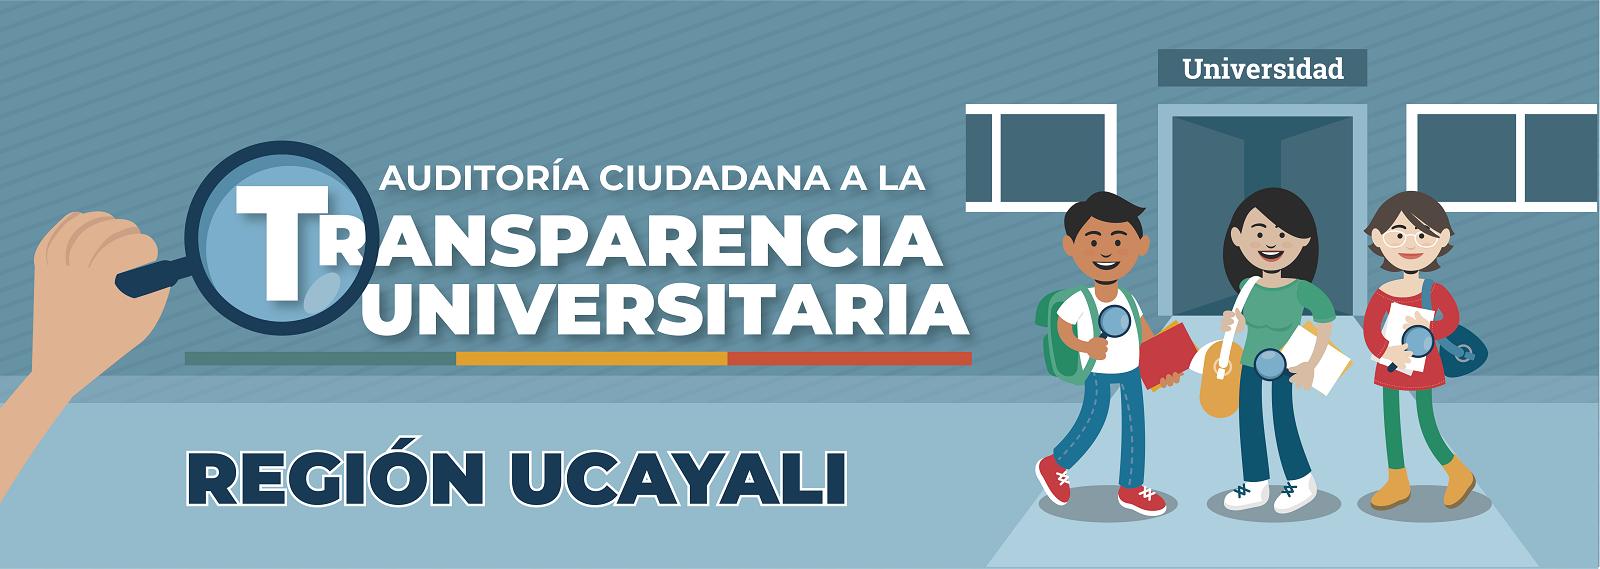 UCAYALI-13